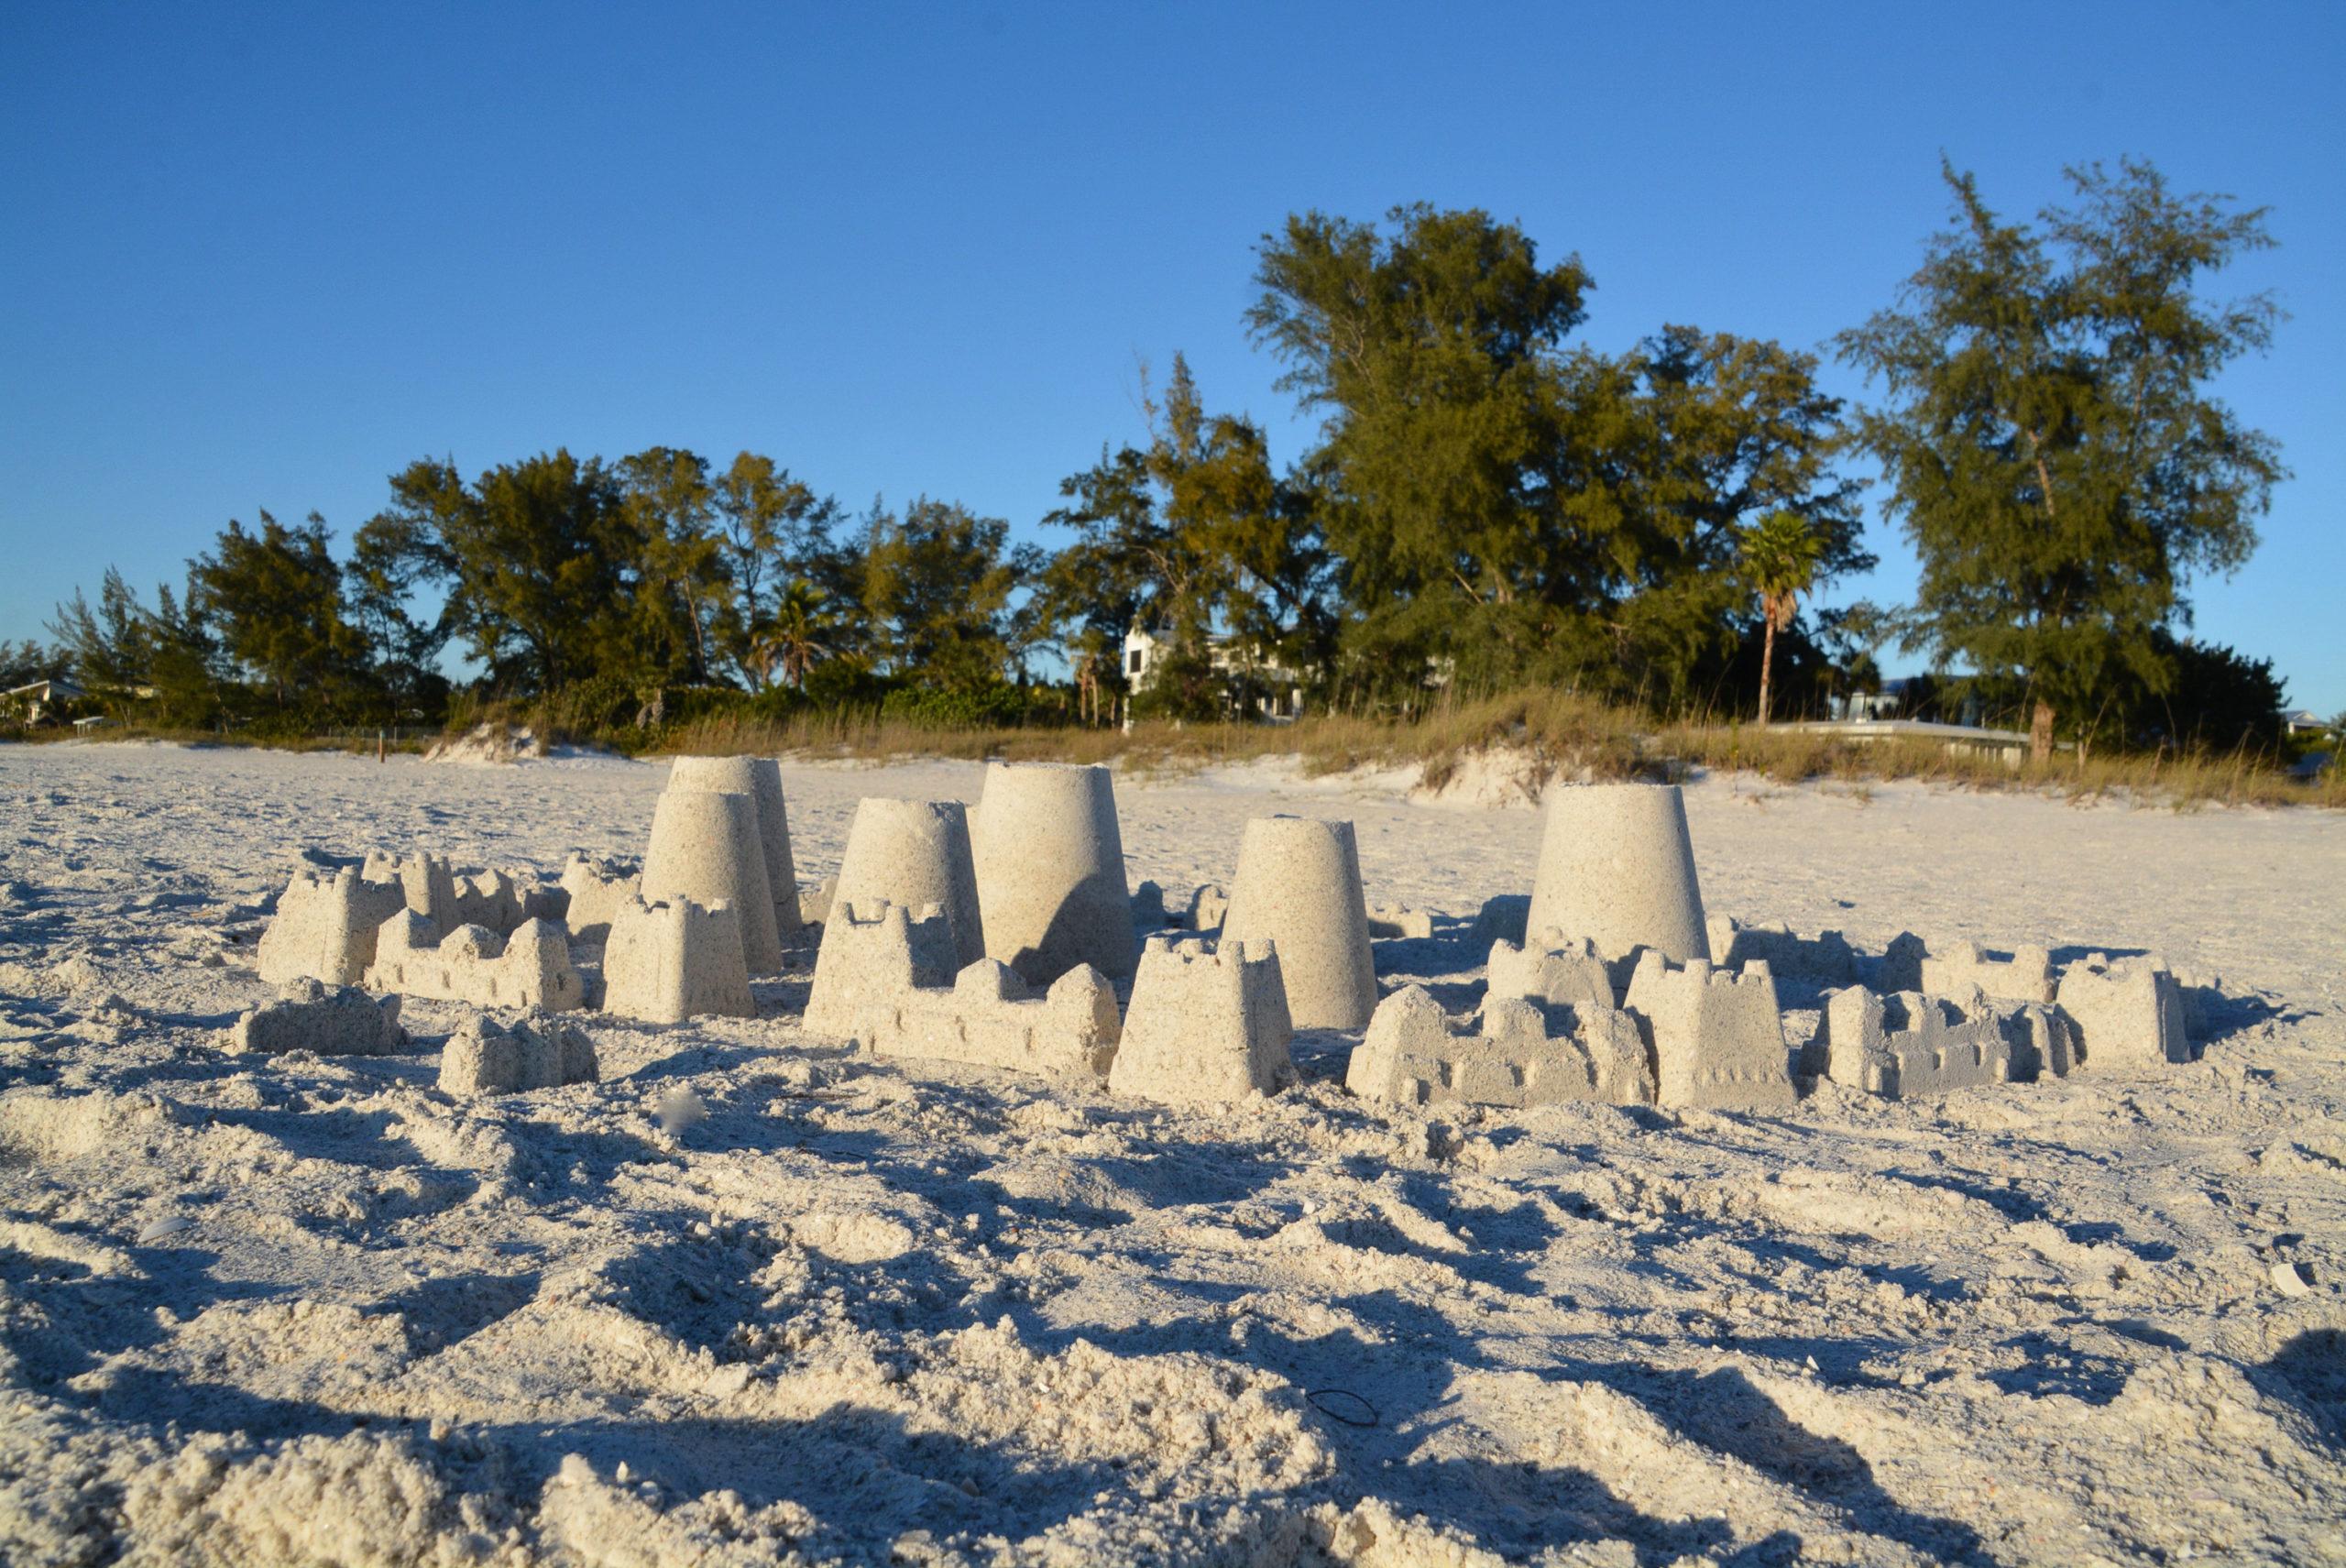 Sandburg auf dem Strand von Anna Maria Island in Florida